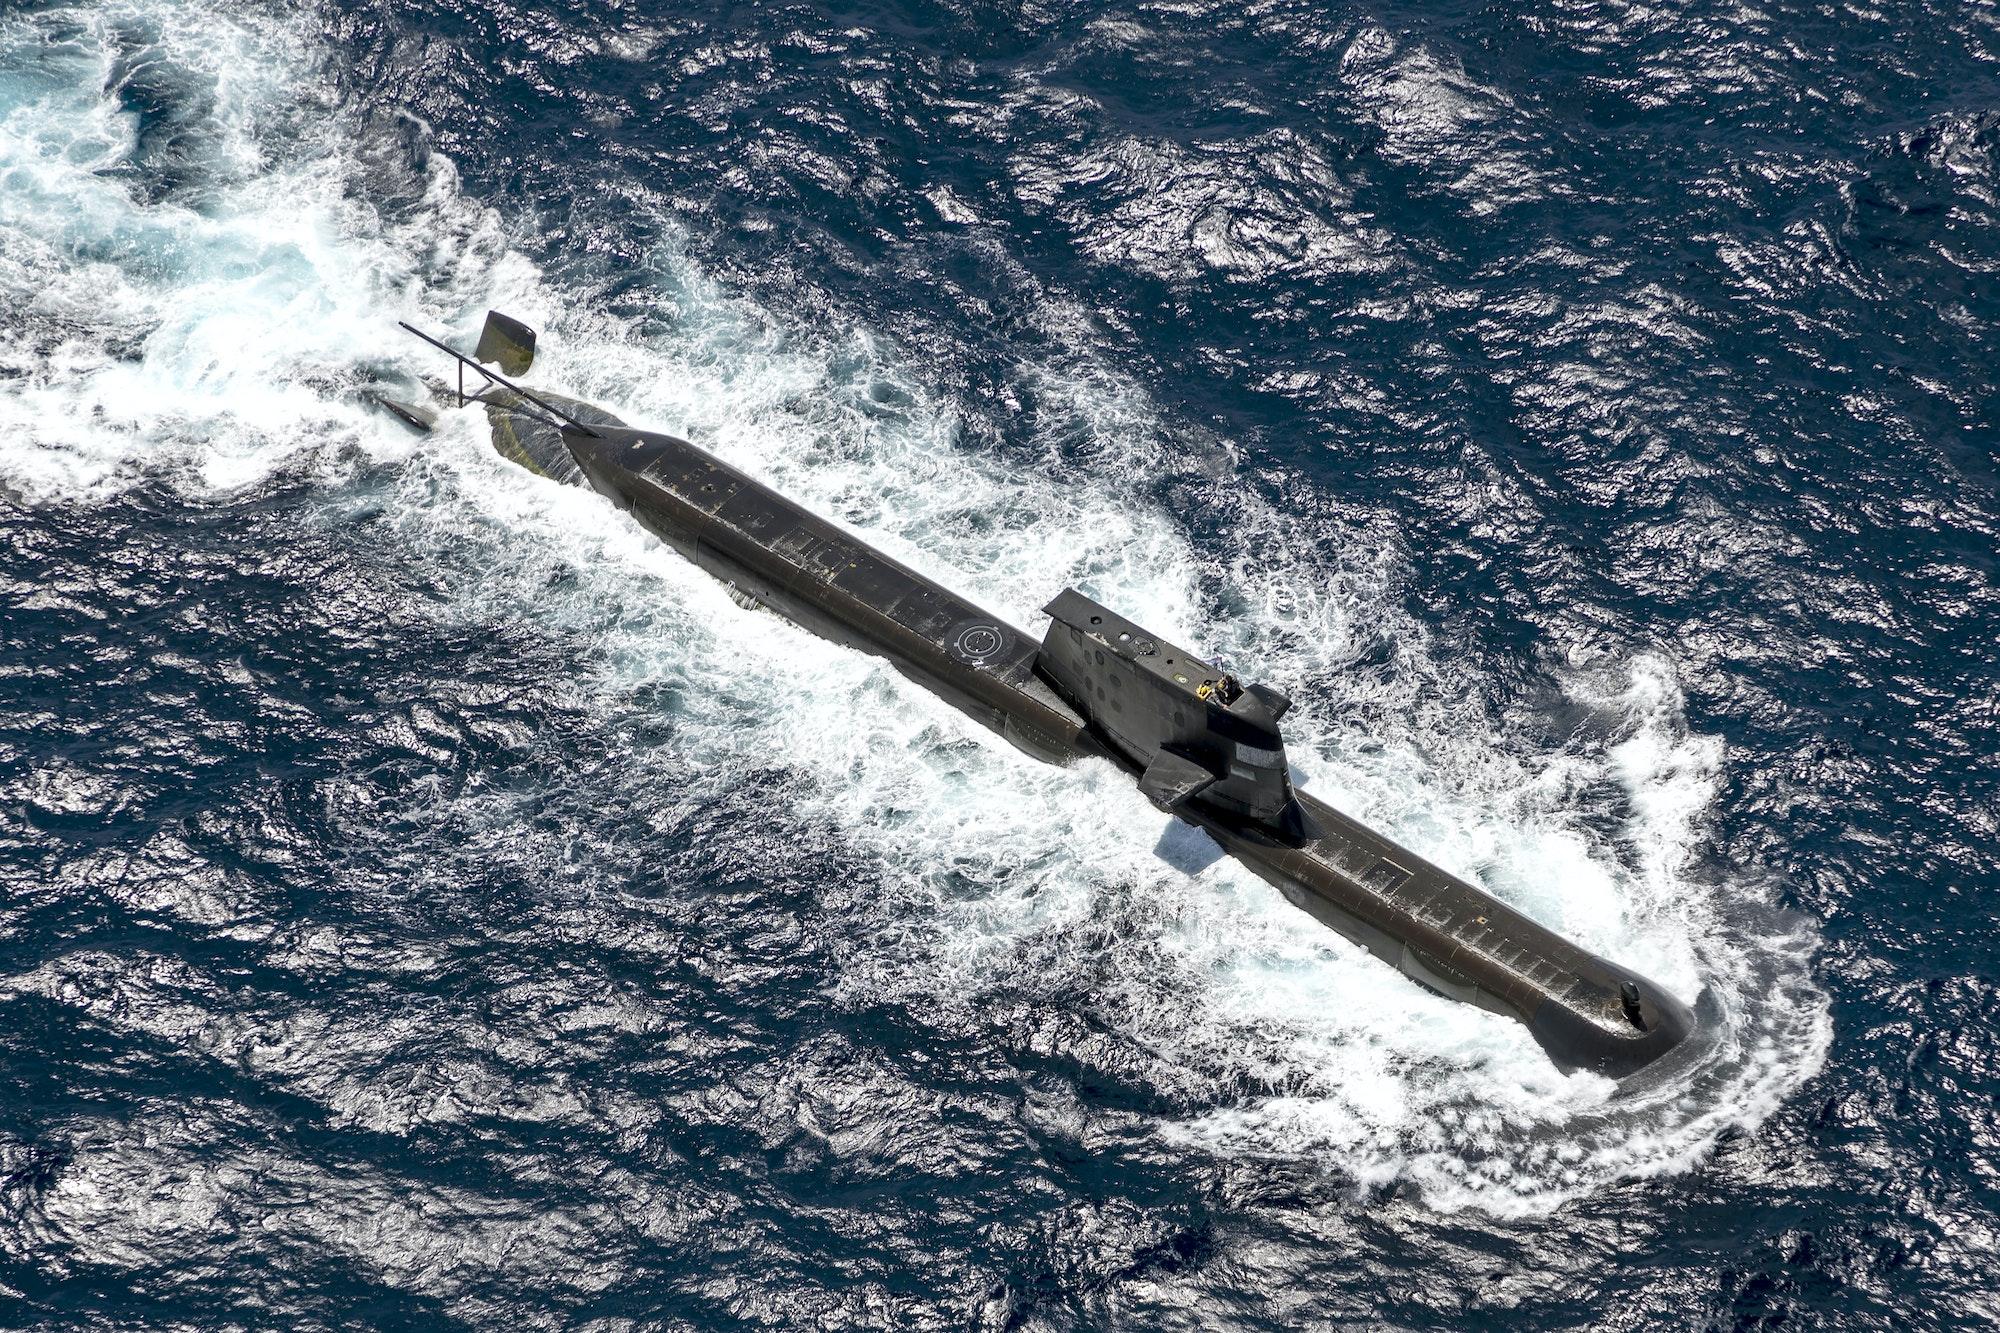 Un sous-marin HMAS Rankin de la marine australienne près de Darwin, le 5 septembre 2021. Ce genre d'appareil sera progressivement mis de côté avec le nouvel accord Aukus (Australie, Royaume-Uni et États-Unis). (Source : Noema)